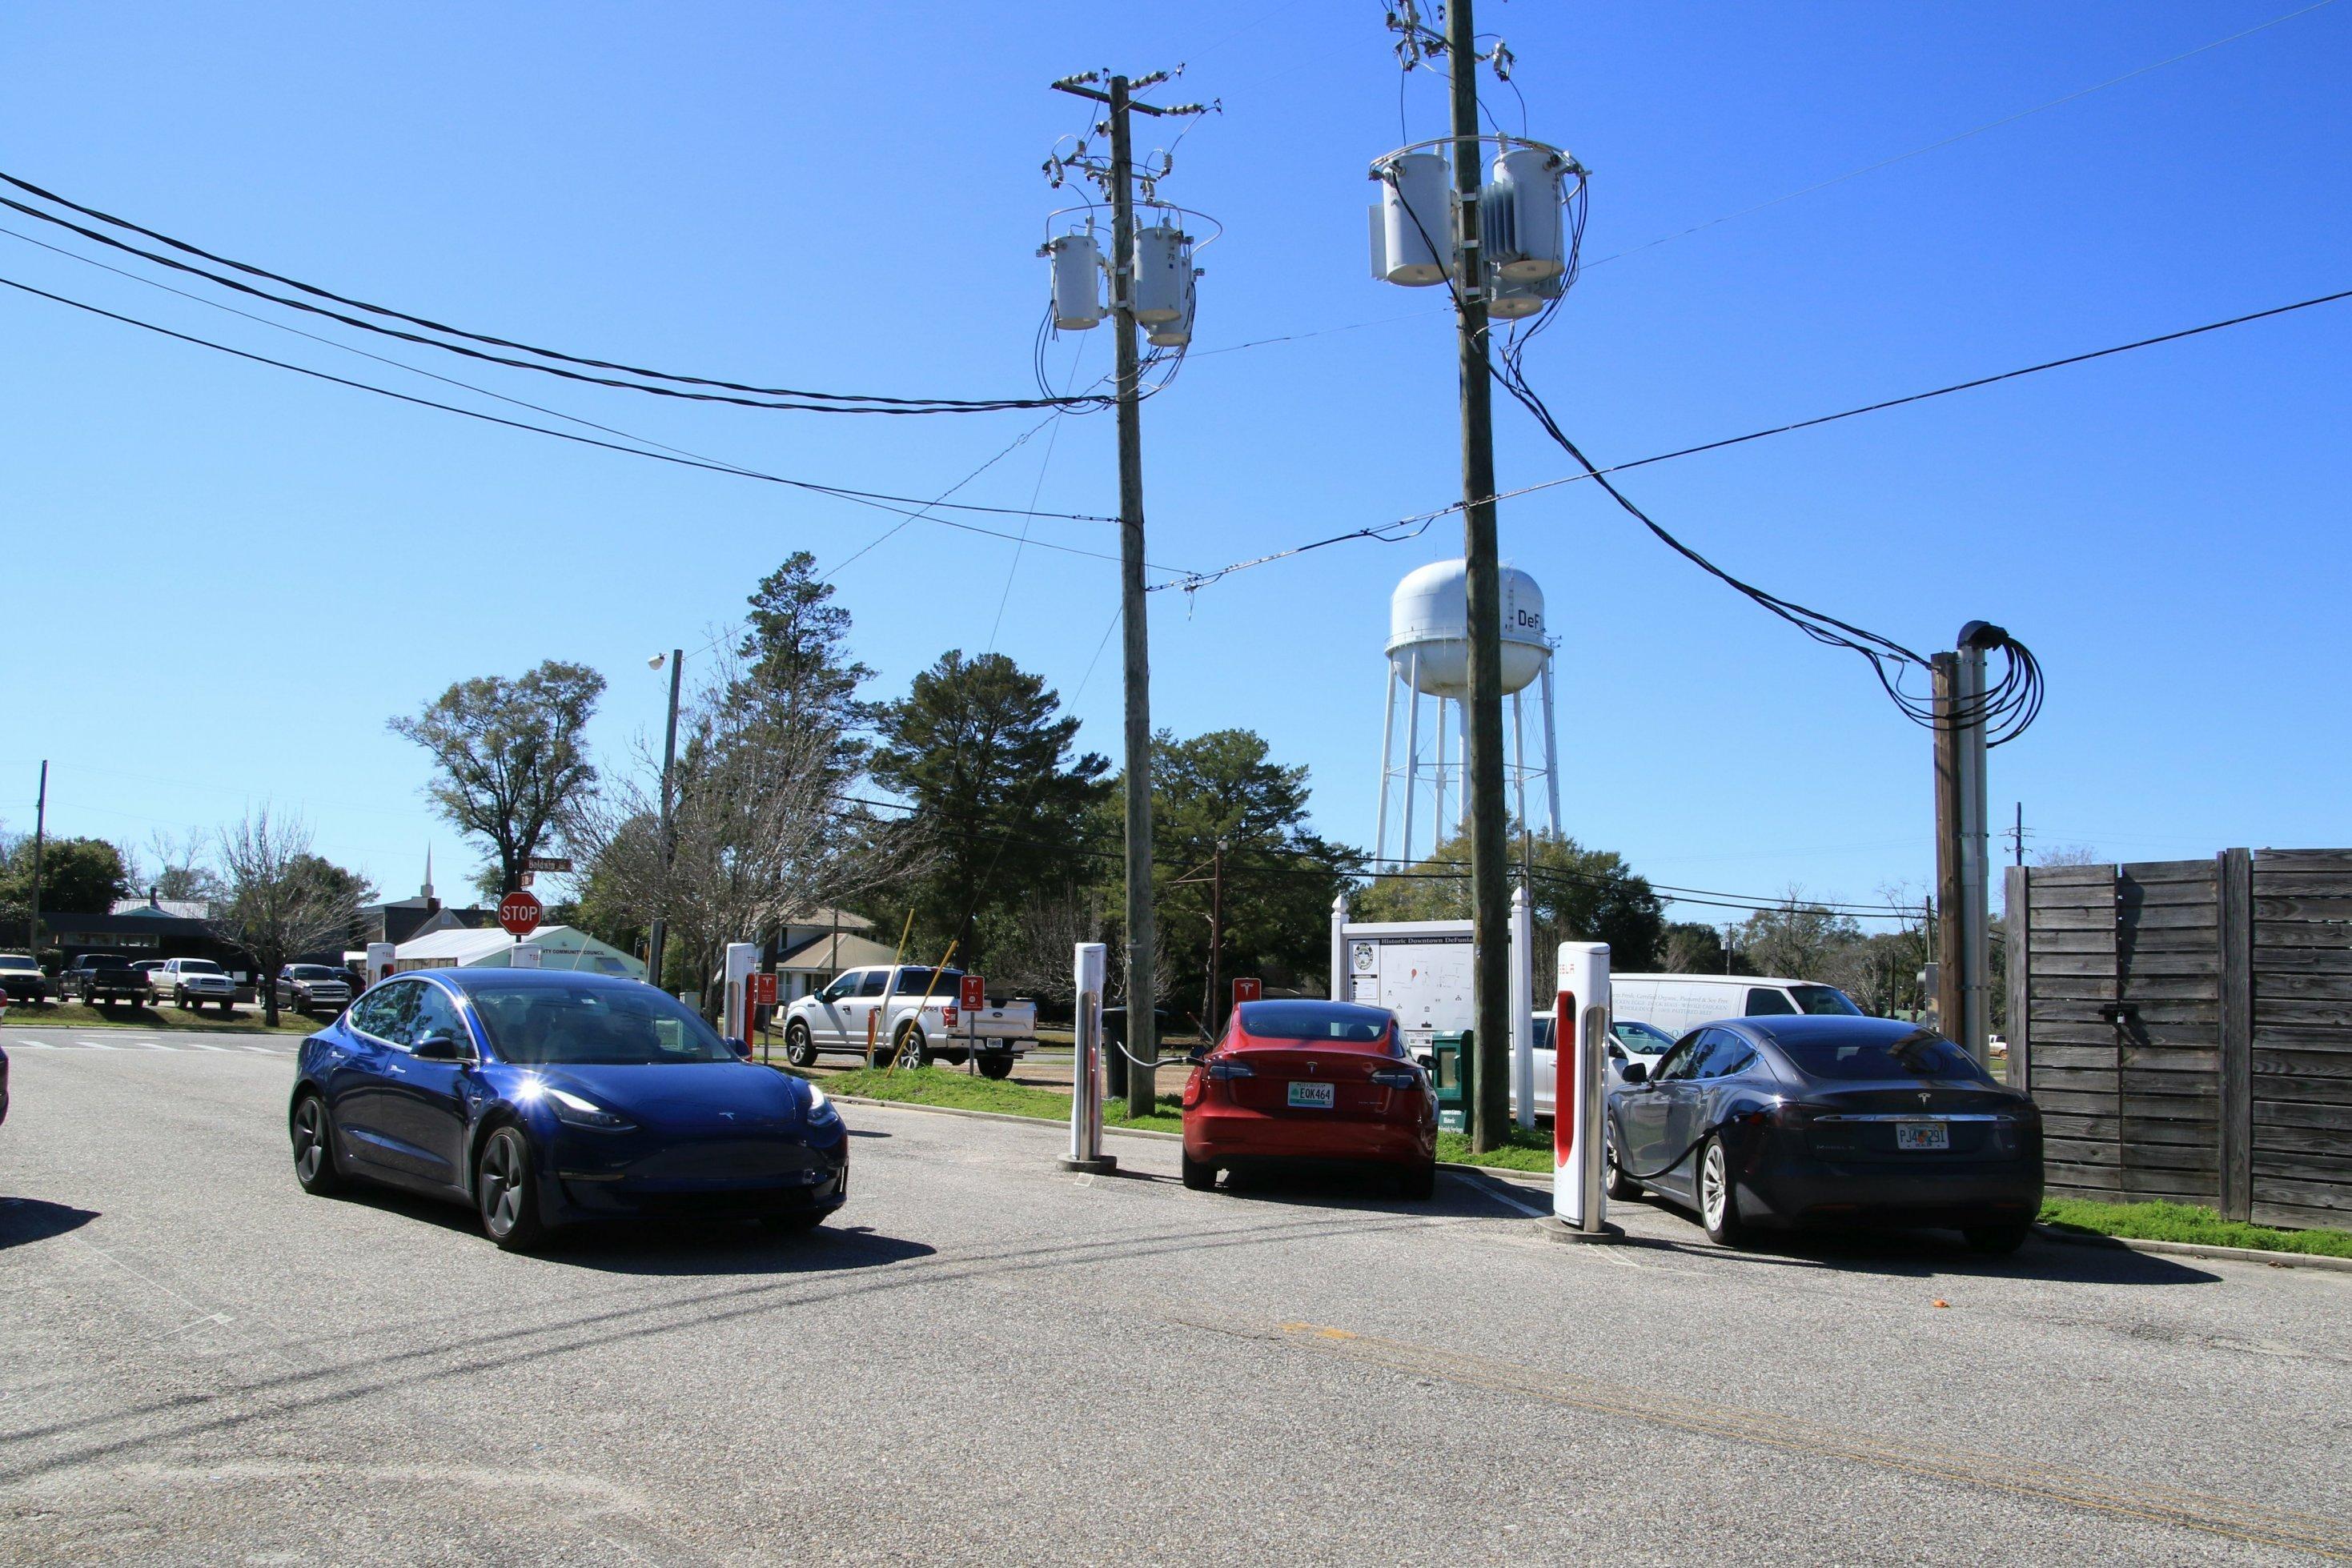 Ein Auto fährt über eine Straße, im Hintergrund parken zwei weitere Autos und zapfen Strom.